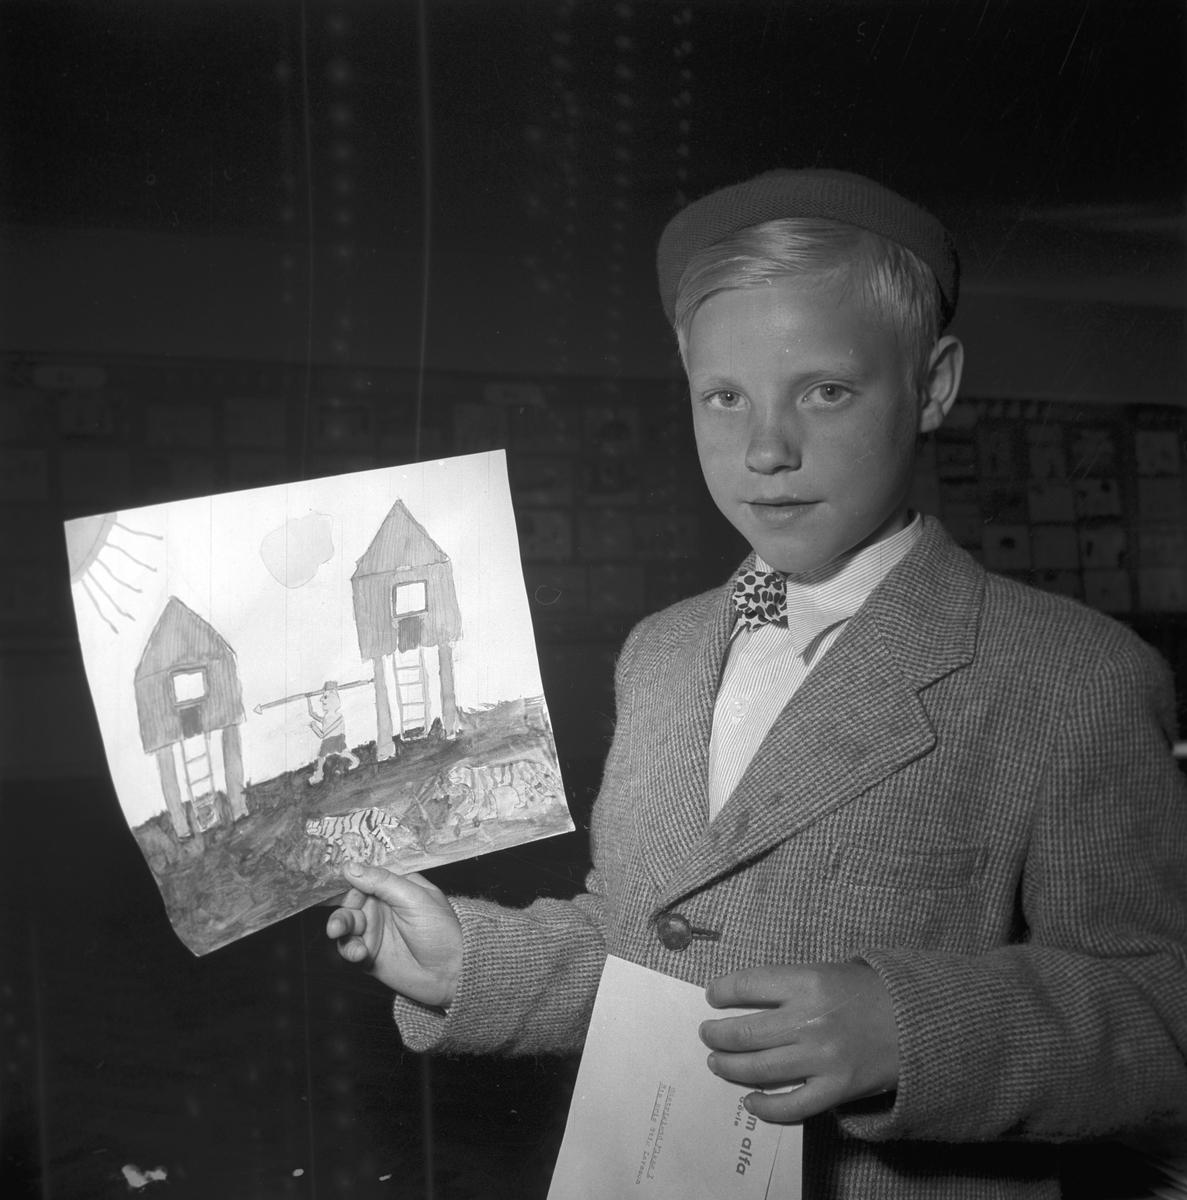 Kooperativa förbundets 50-års jubileum. Teckningstävling, prisutdelning. 29 maj 1949.